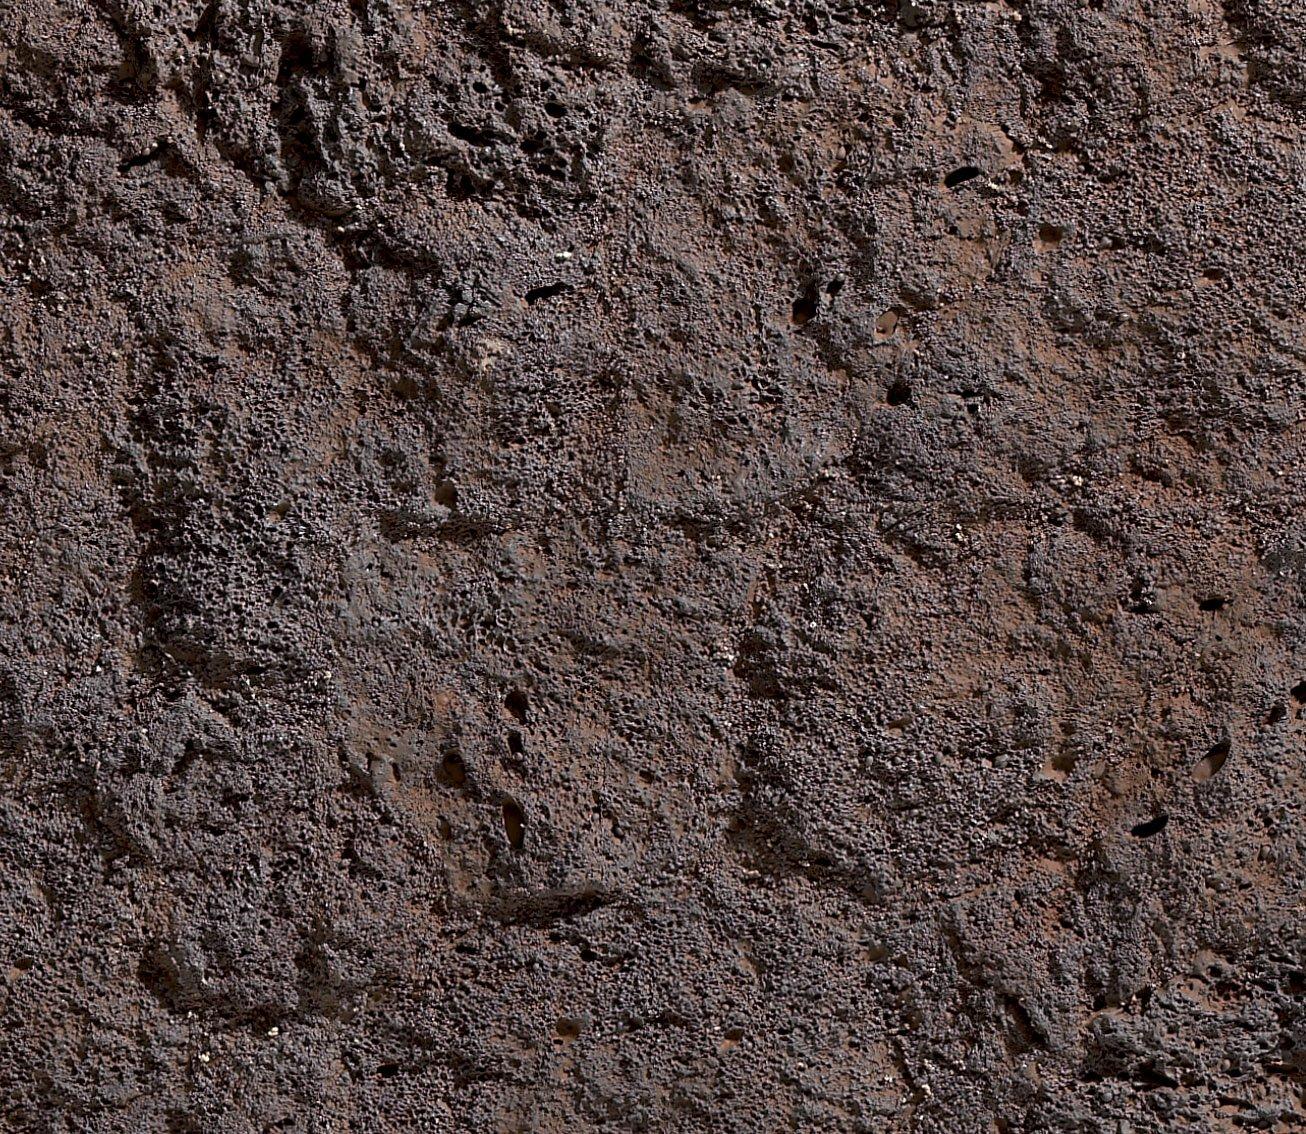 PANESPOL TEXTILES es la gama ideal para diseñadores-exploradores de nuevos territorios: texturas inspiradas en la naturaleza más salvaje